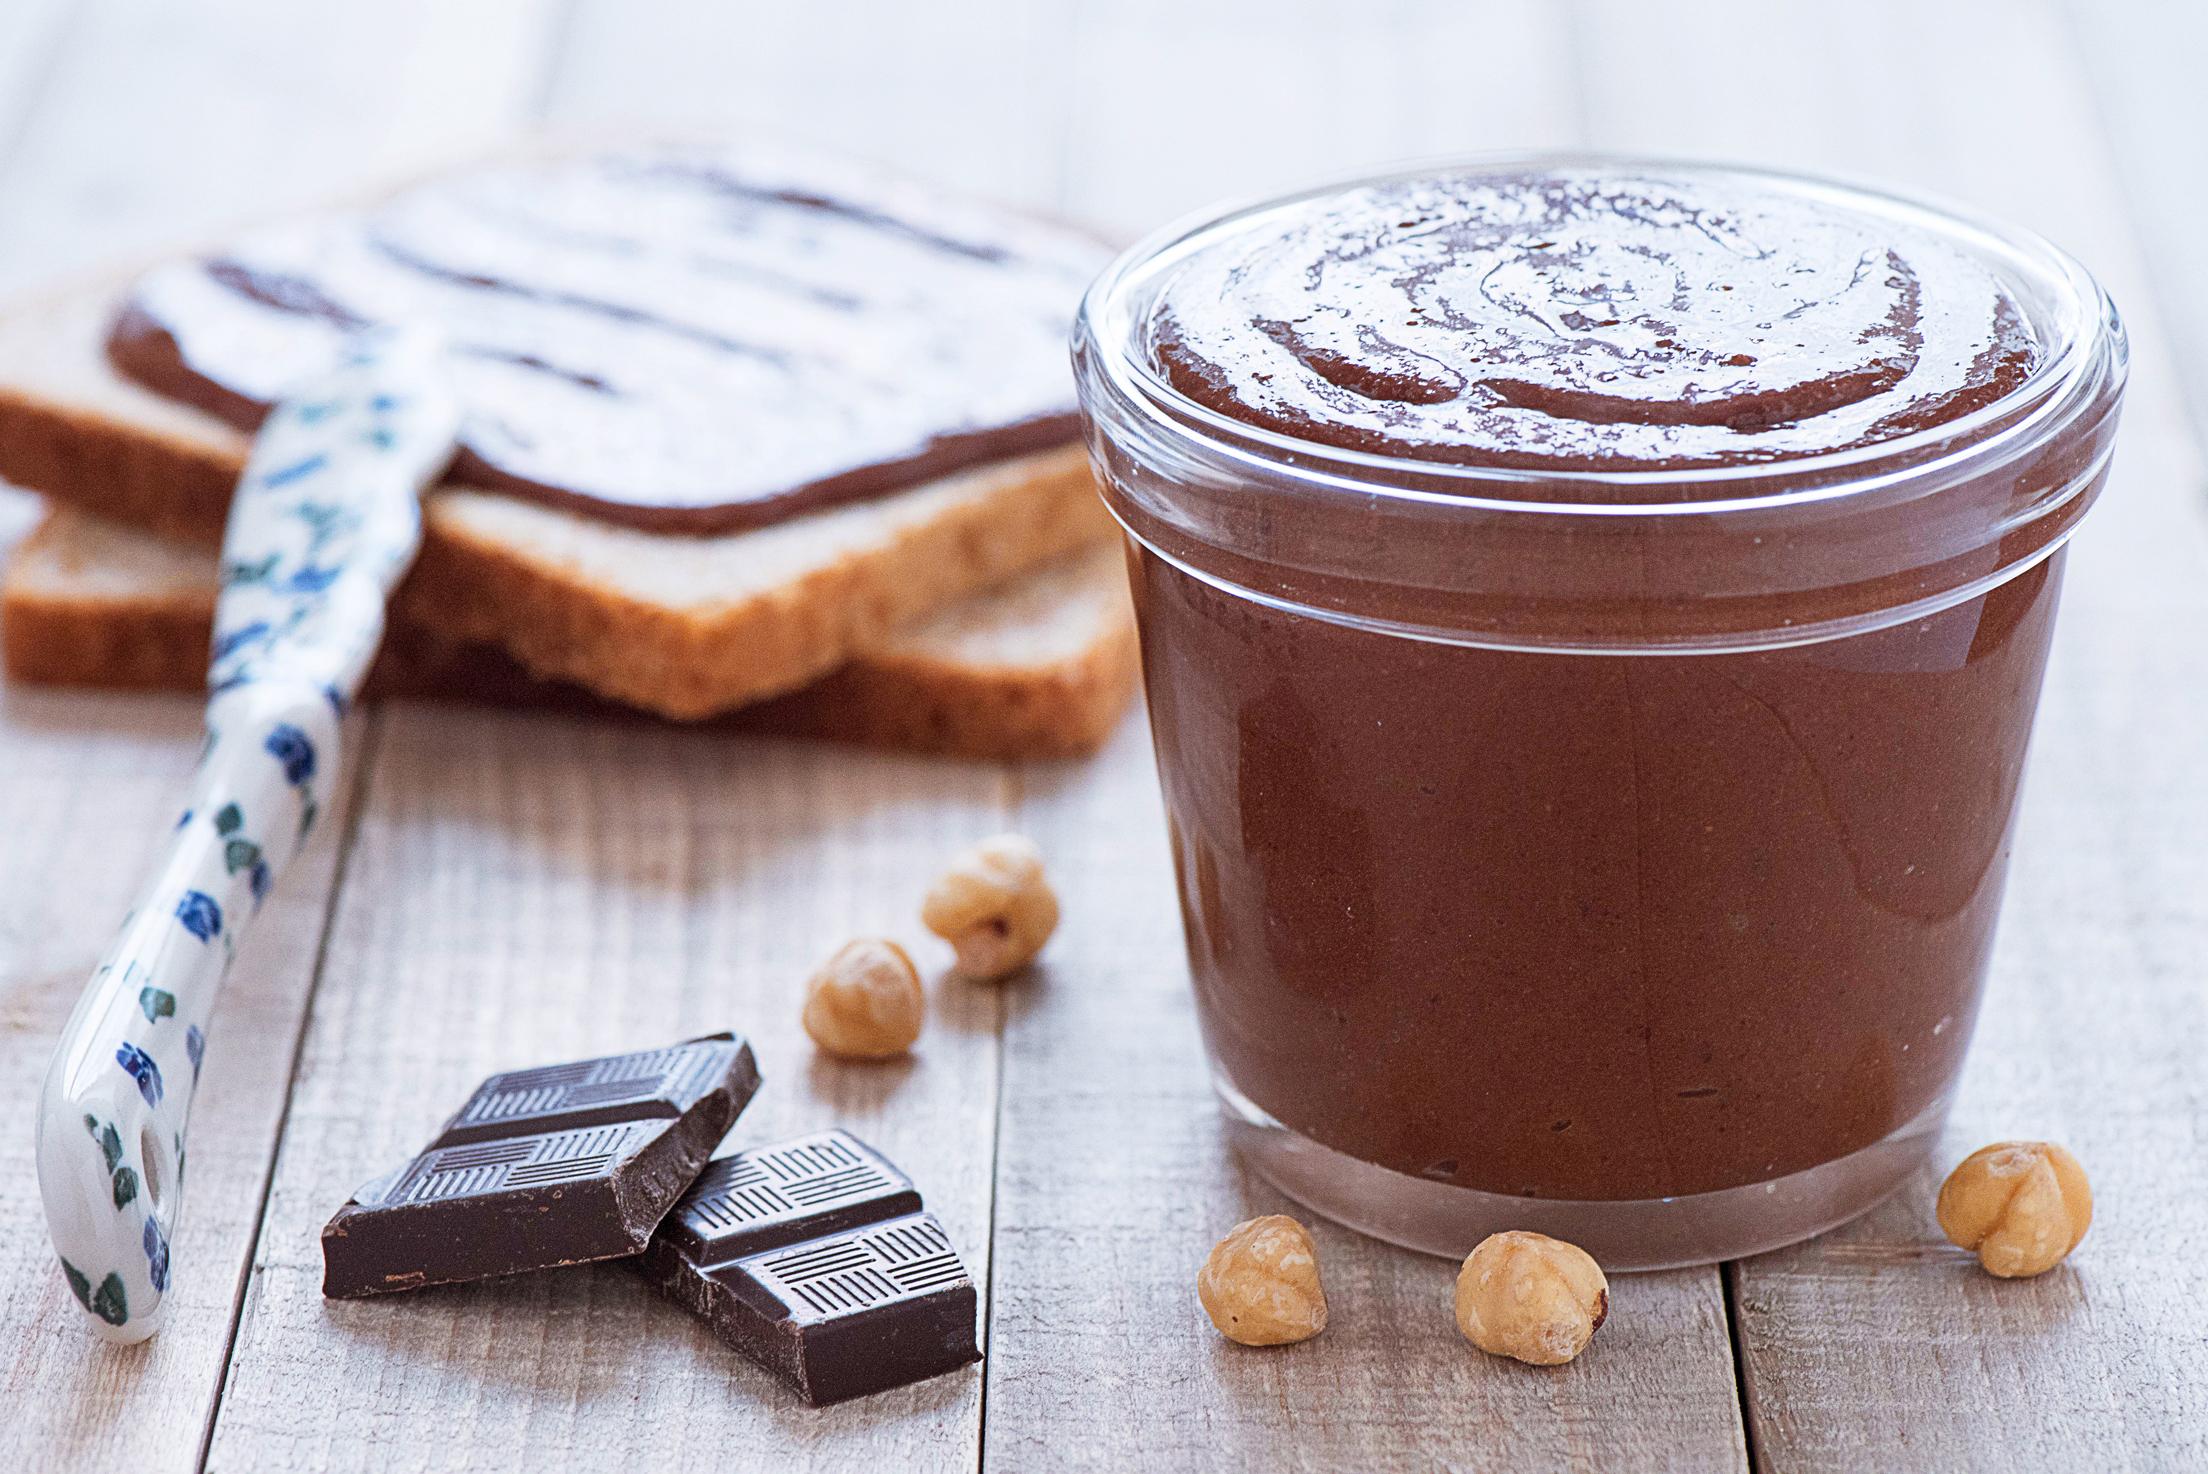 Pâte à tartiner au chocolat et aux noisettes